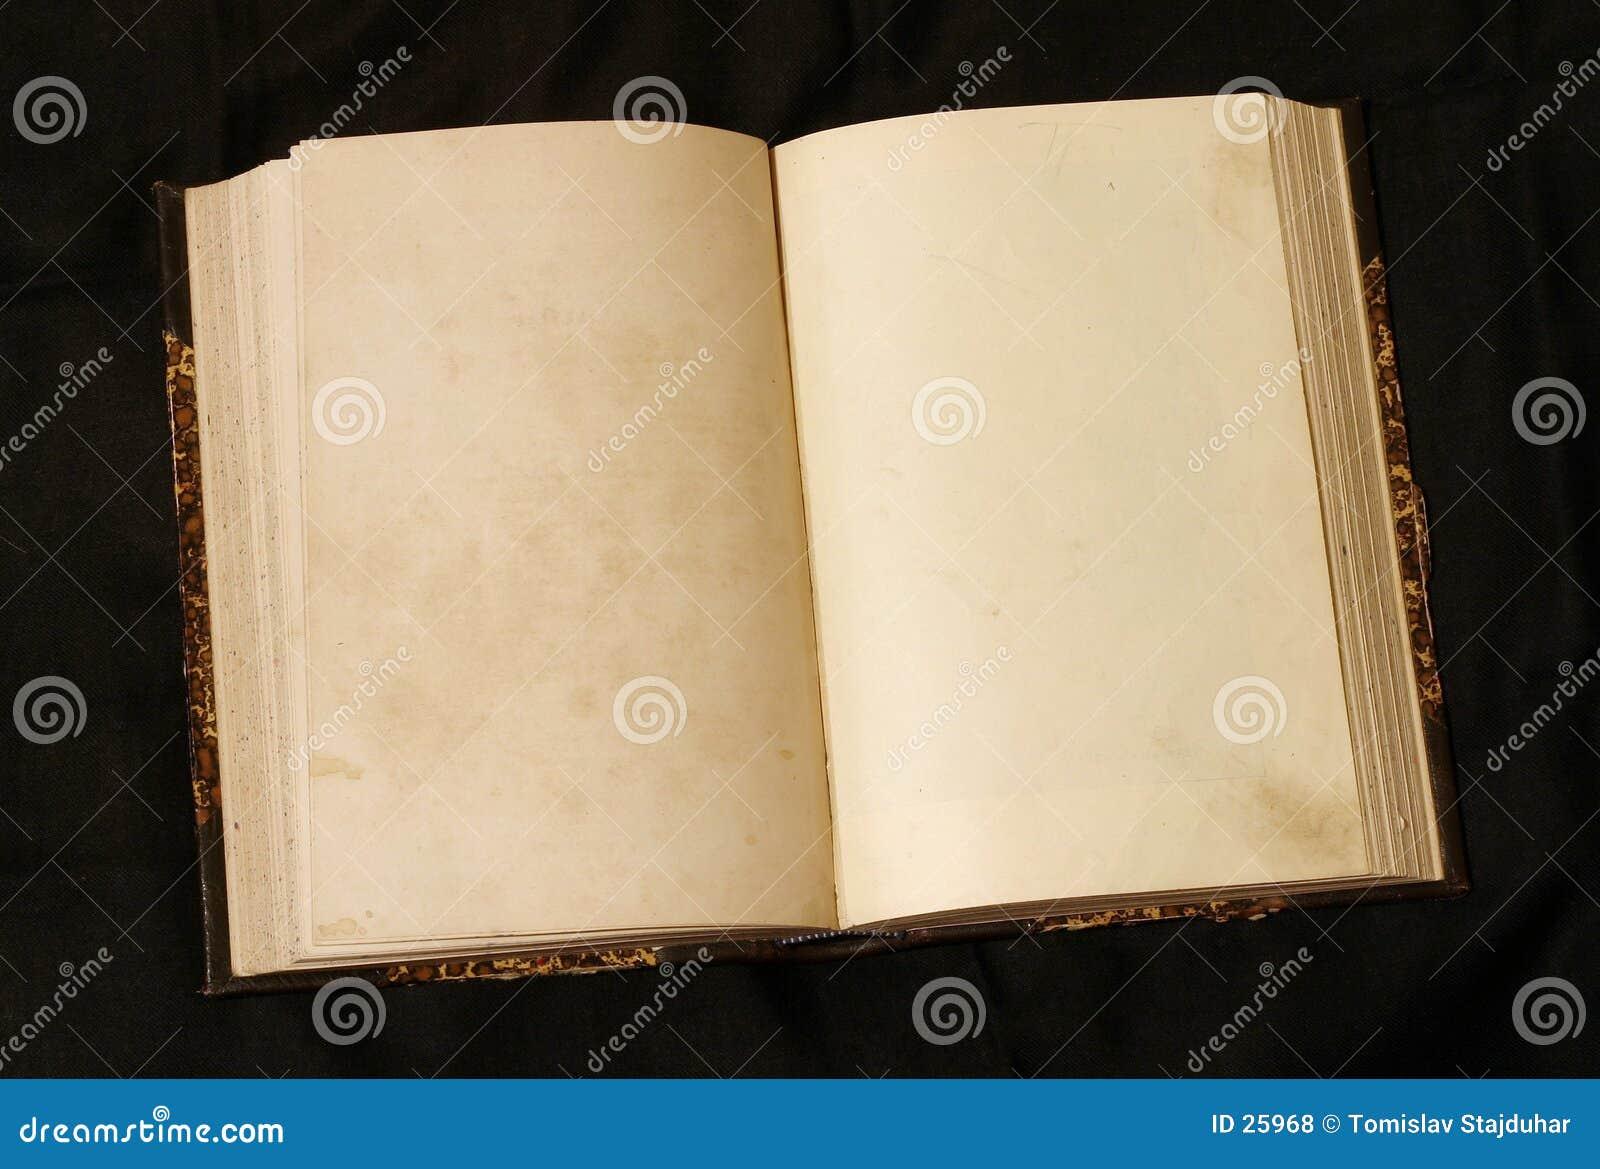 Öffnen Sie leere Seiten im alten Buch